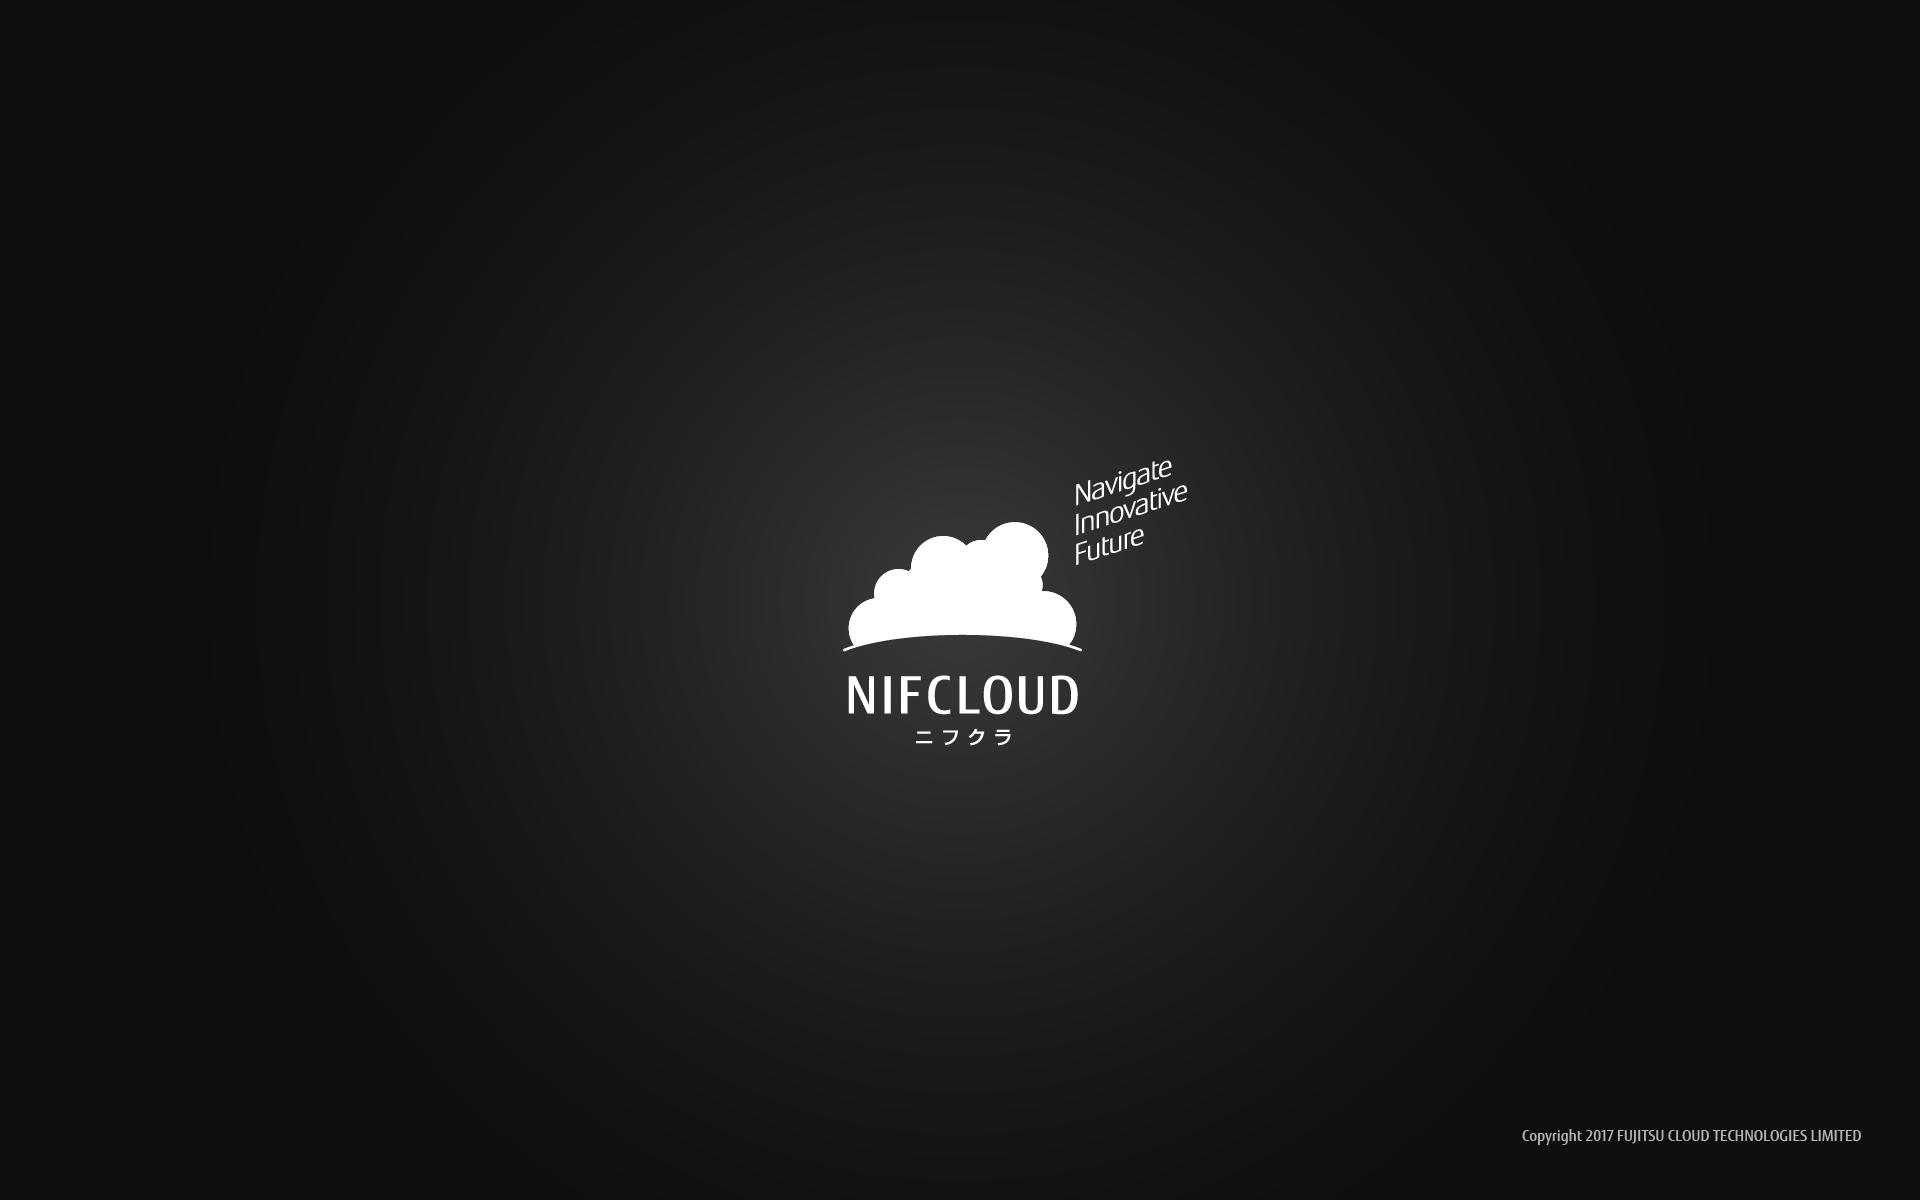 ニフクラ Nifcloud クラウドと共に世の中を 新しい未来 へ